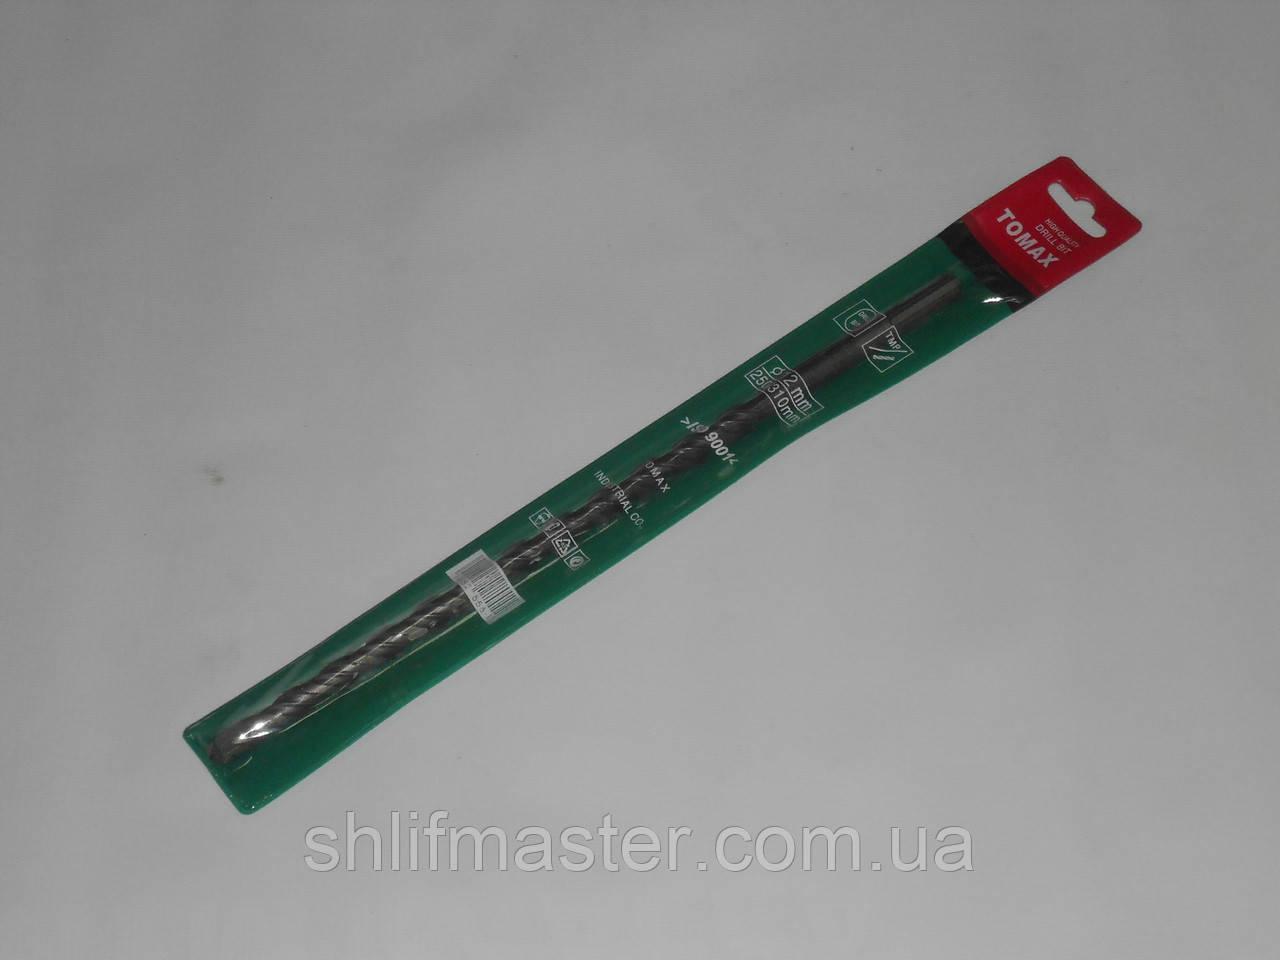 Бур (сверло) по бетону SDS plus Tomax 13х210 мм